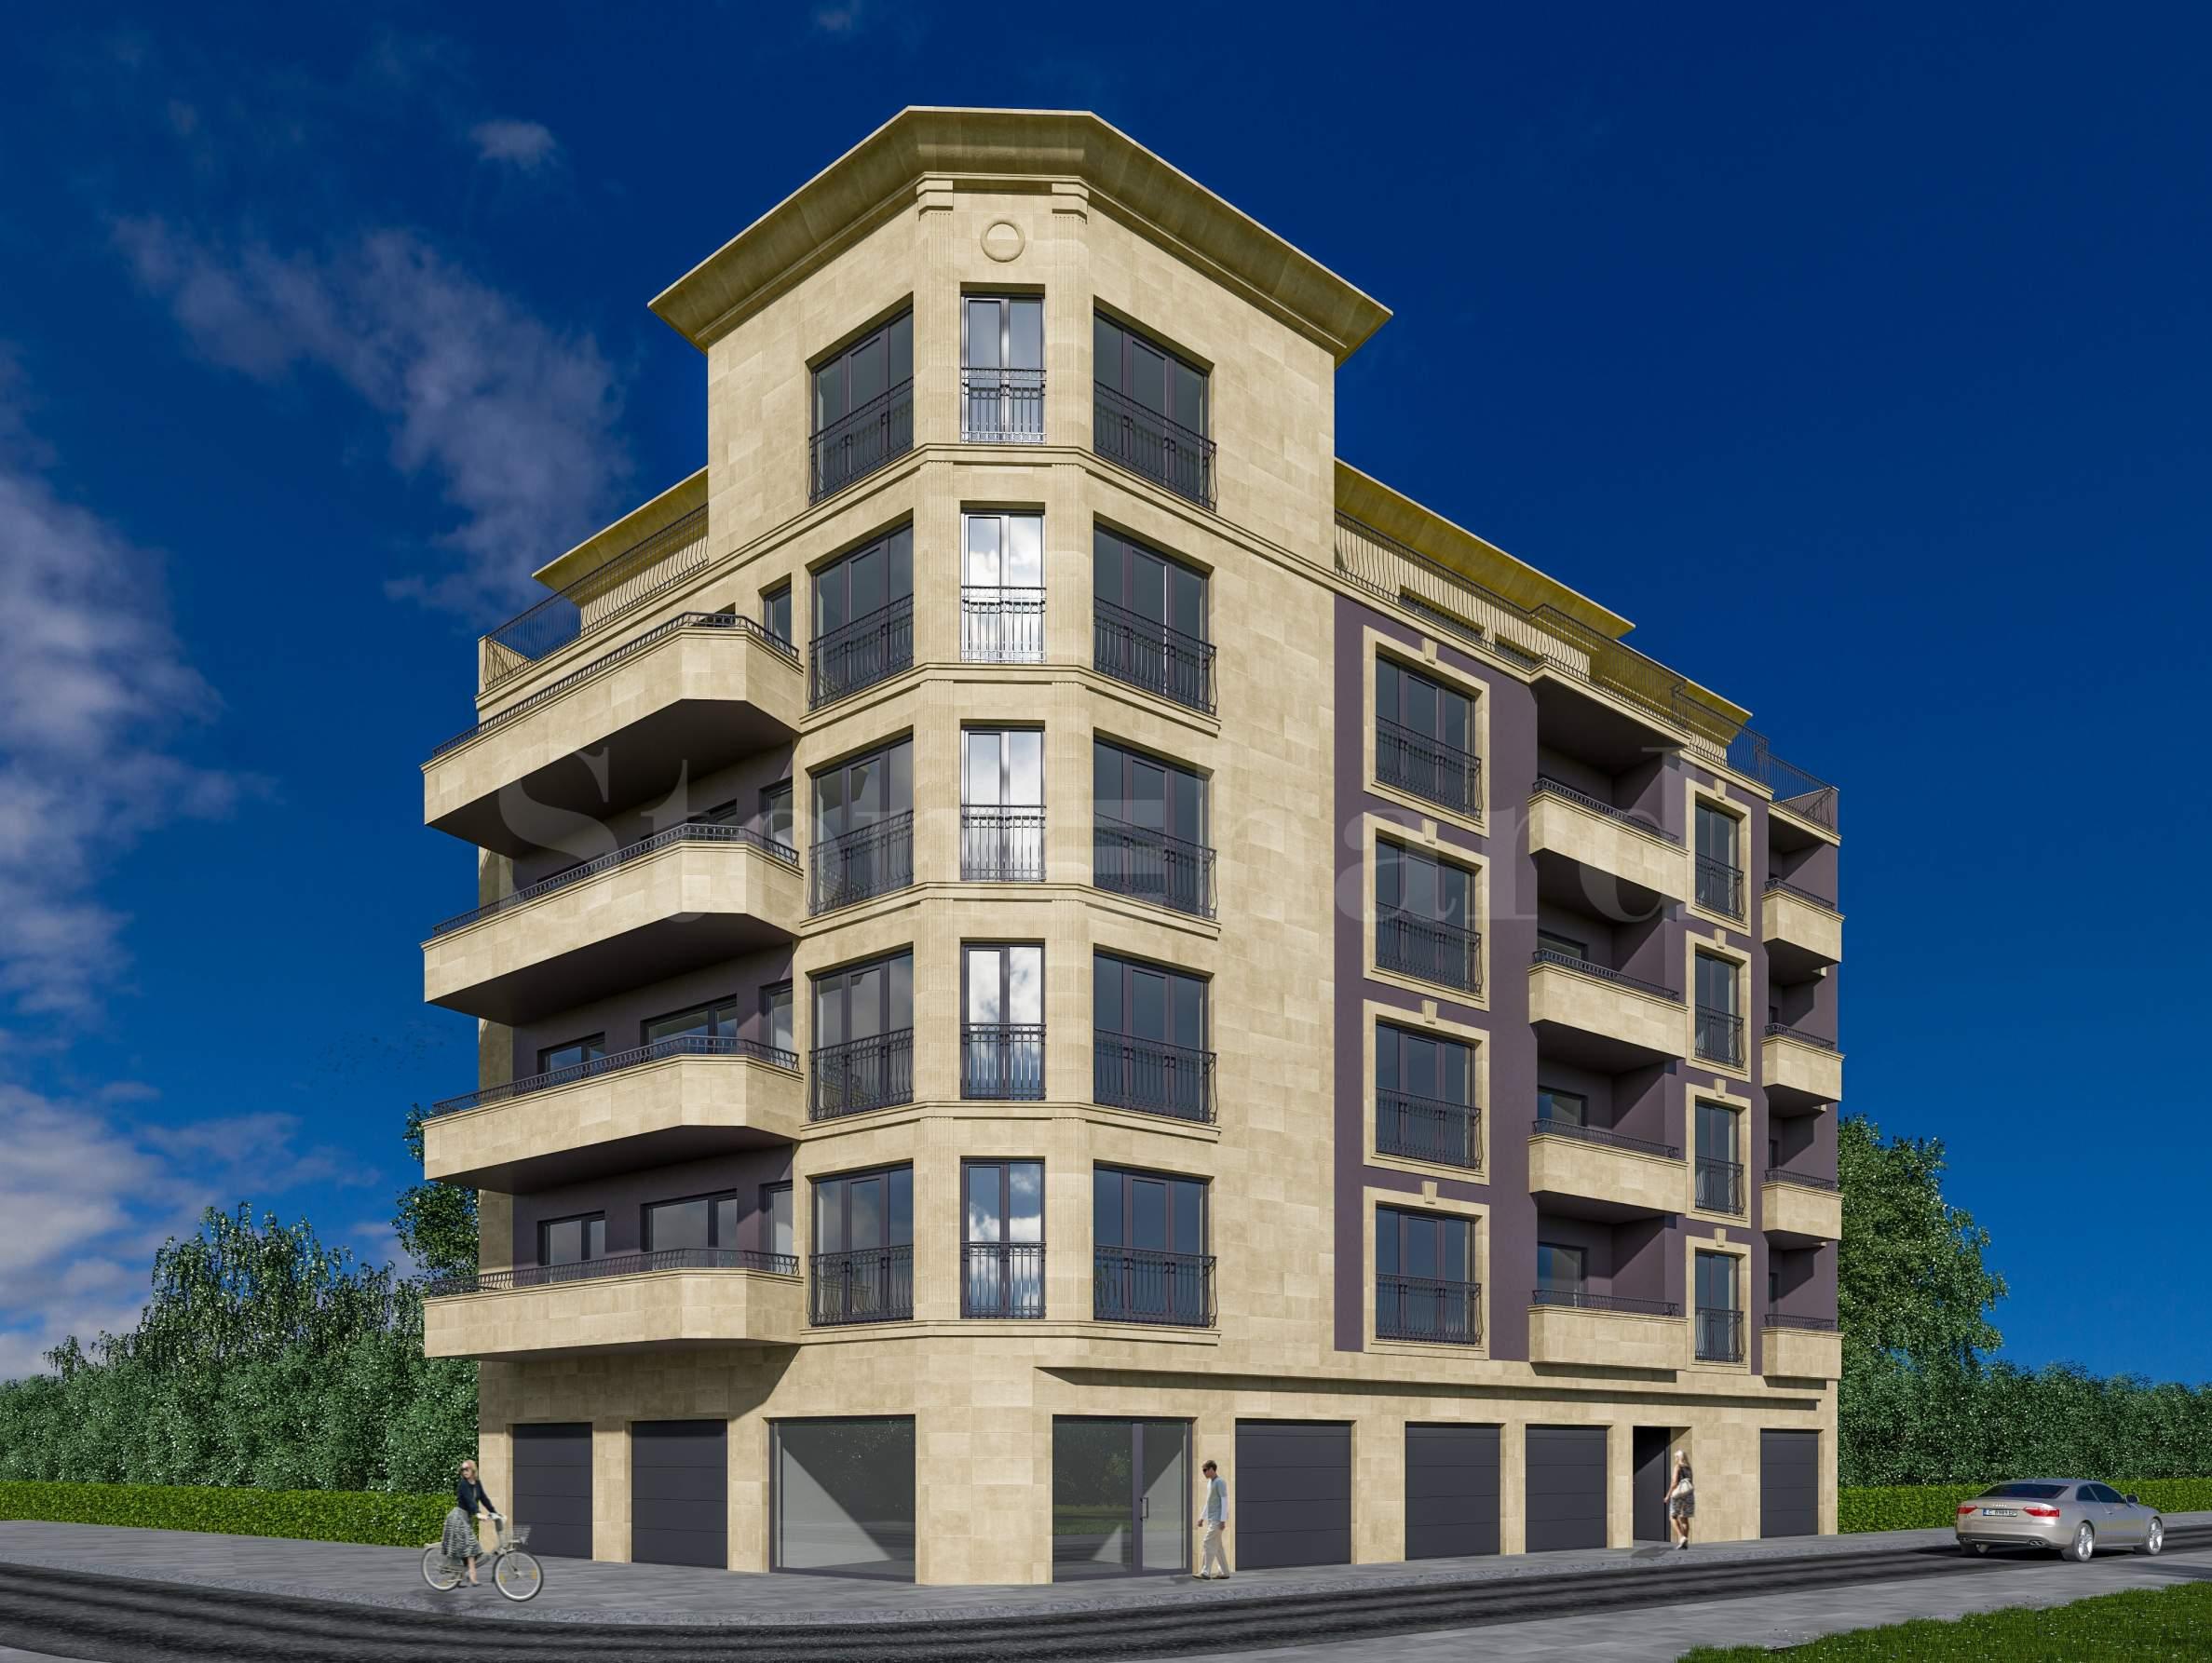 Modern apartments near South Park, Mall Paradise, metro station Vitosha1 - Stonehard